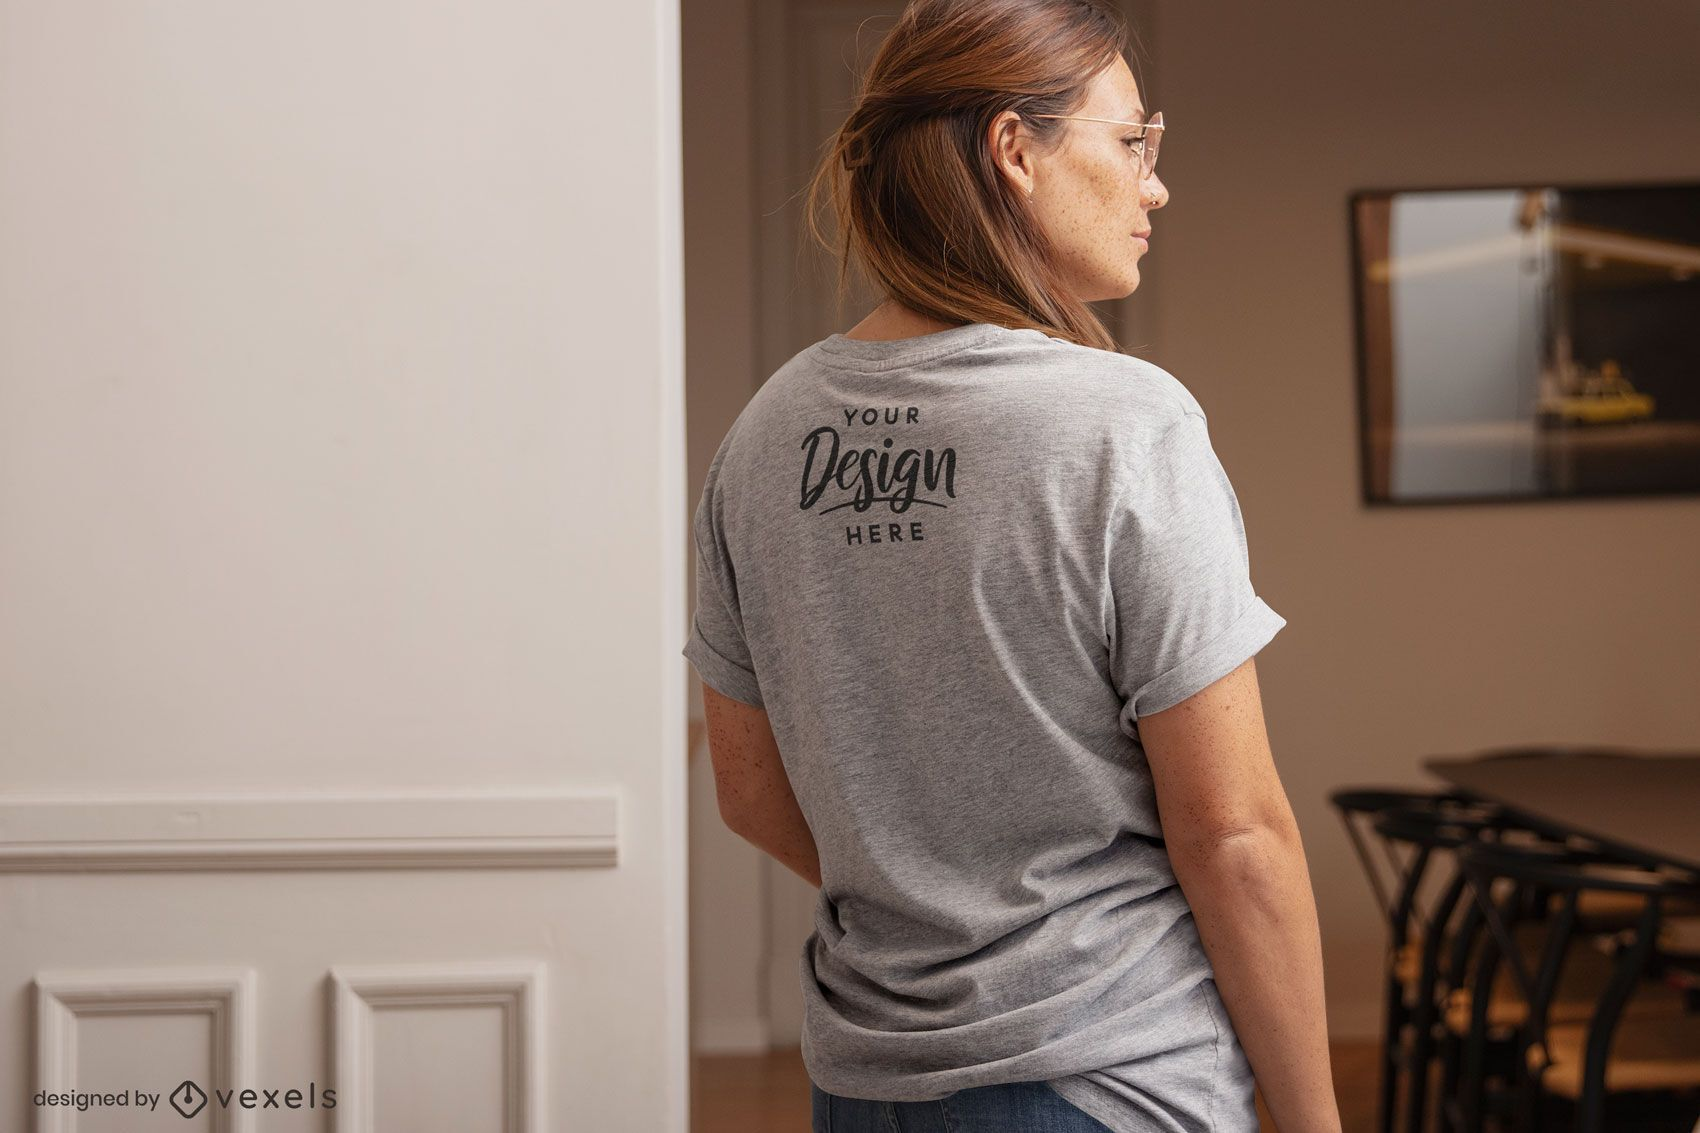 Woman backwards t-shirt home mockup